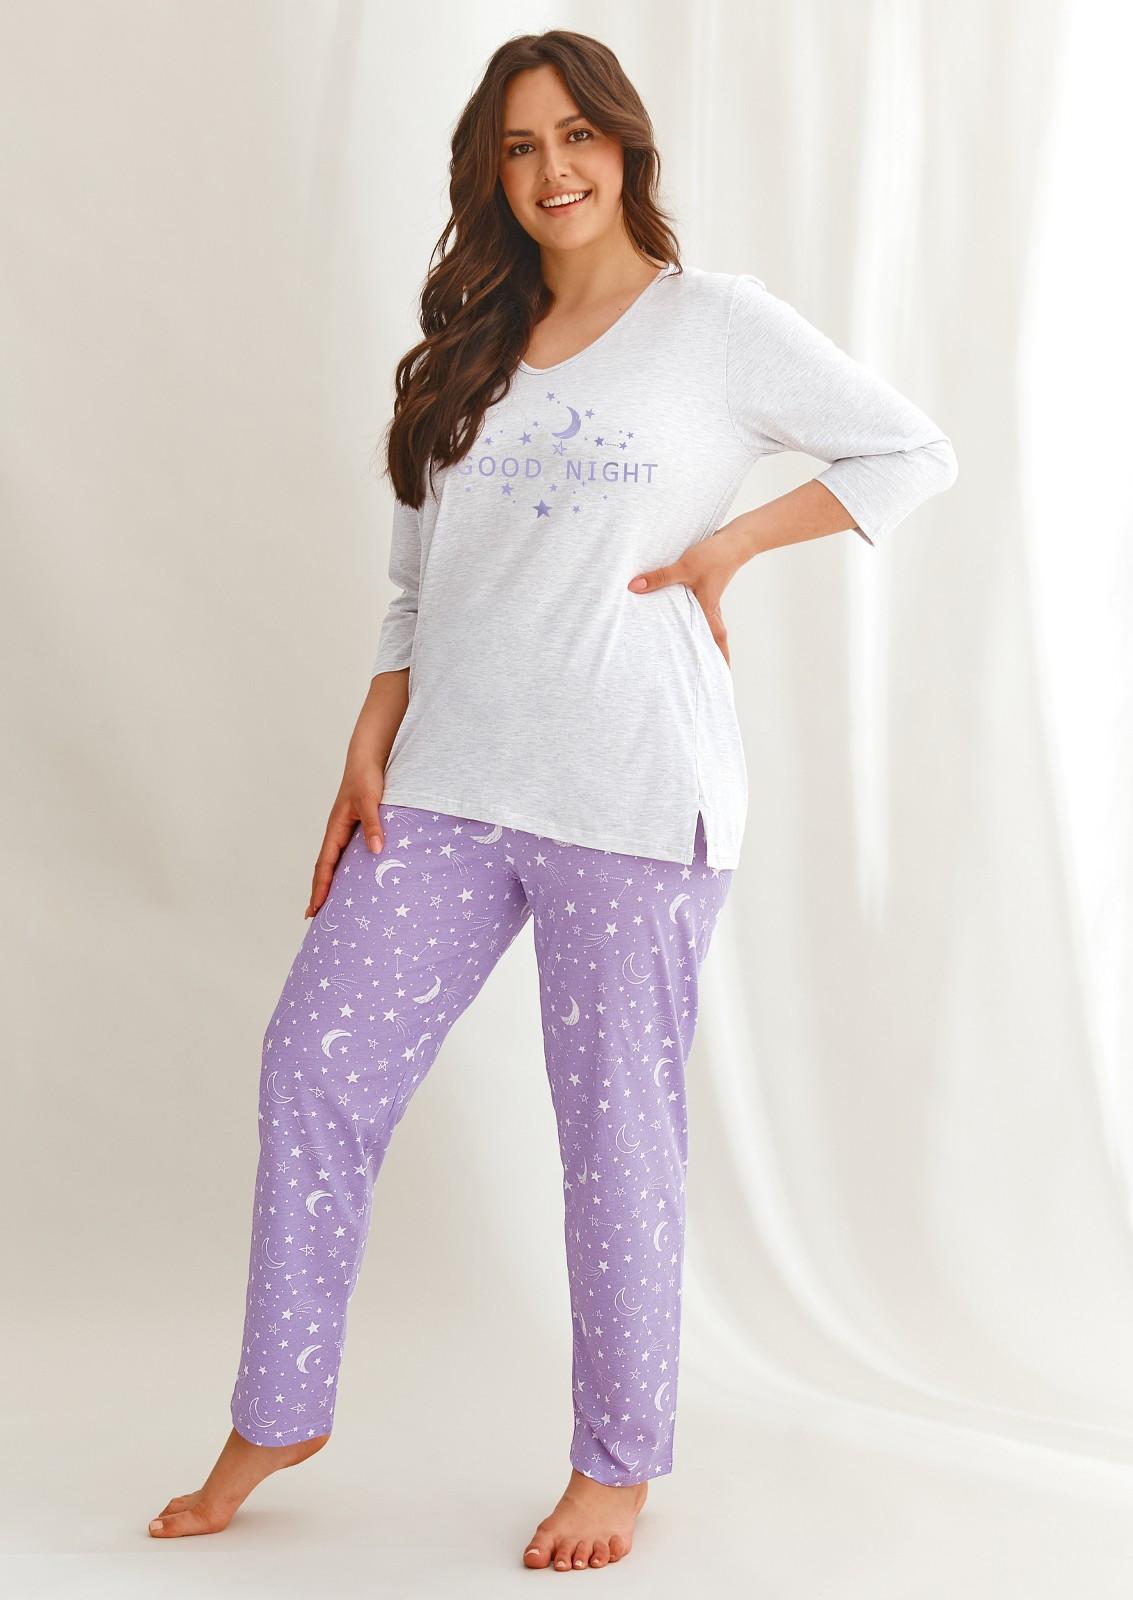 Dámske pyžamo Taro Isabel 2602 DL / r 2XL-3XL szary-fioletowy xxl